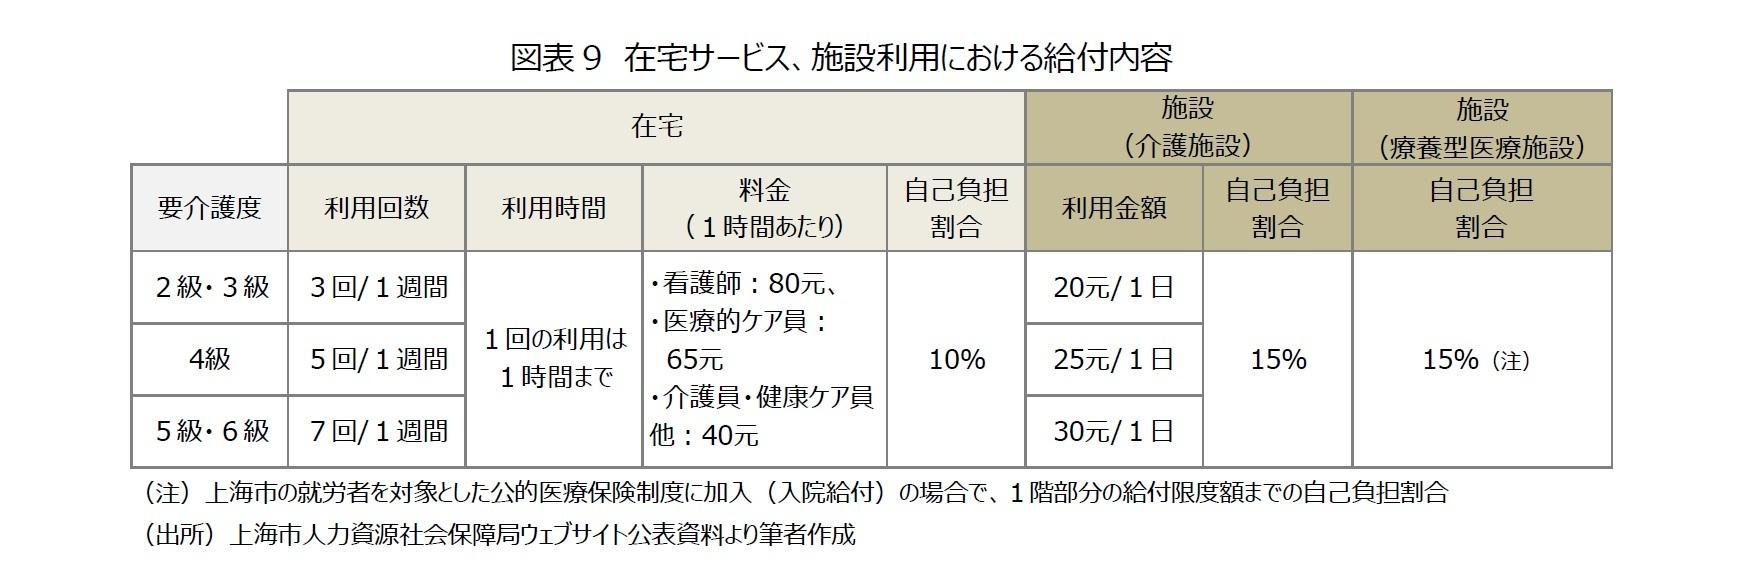 図表9 在宅サービス、施設利用における給付内容